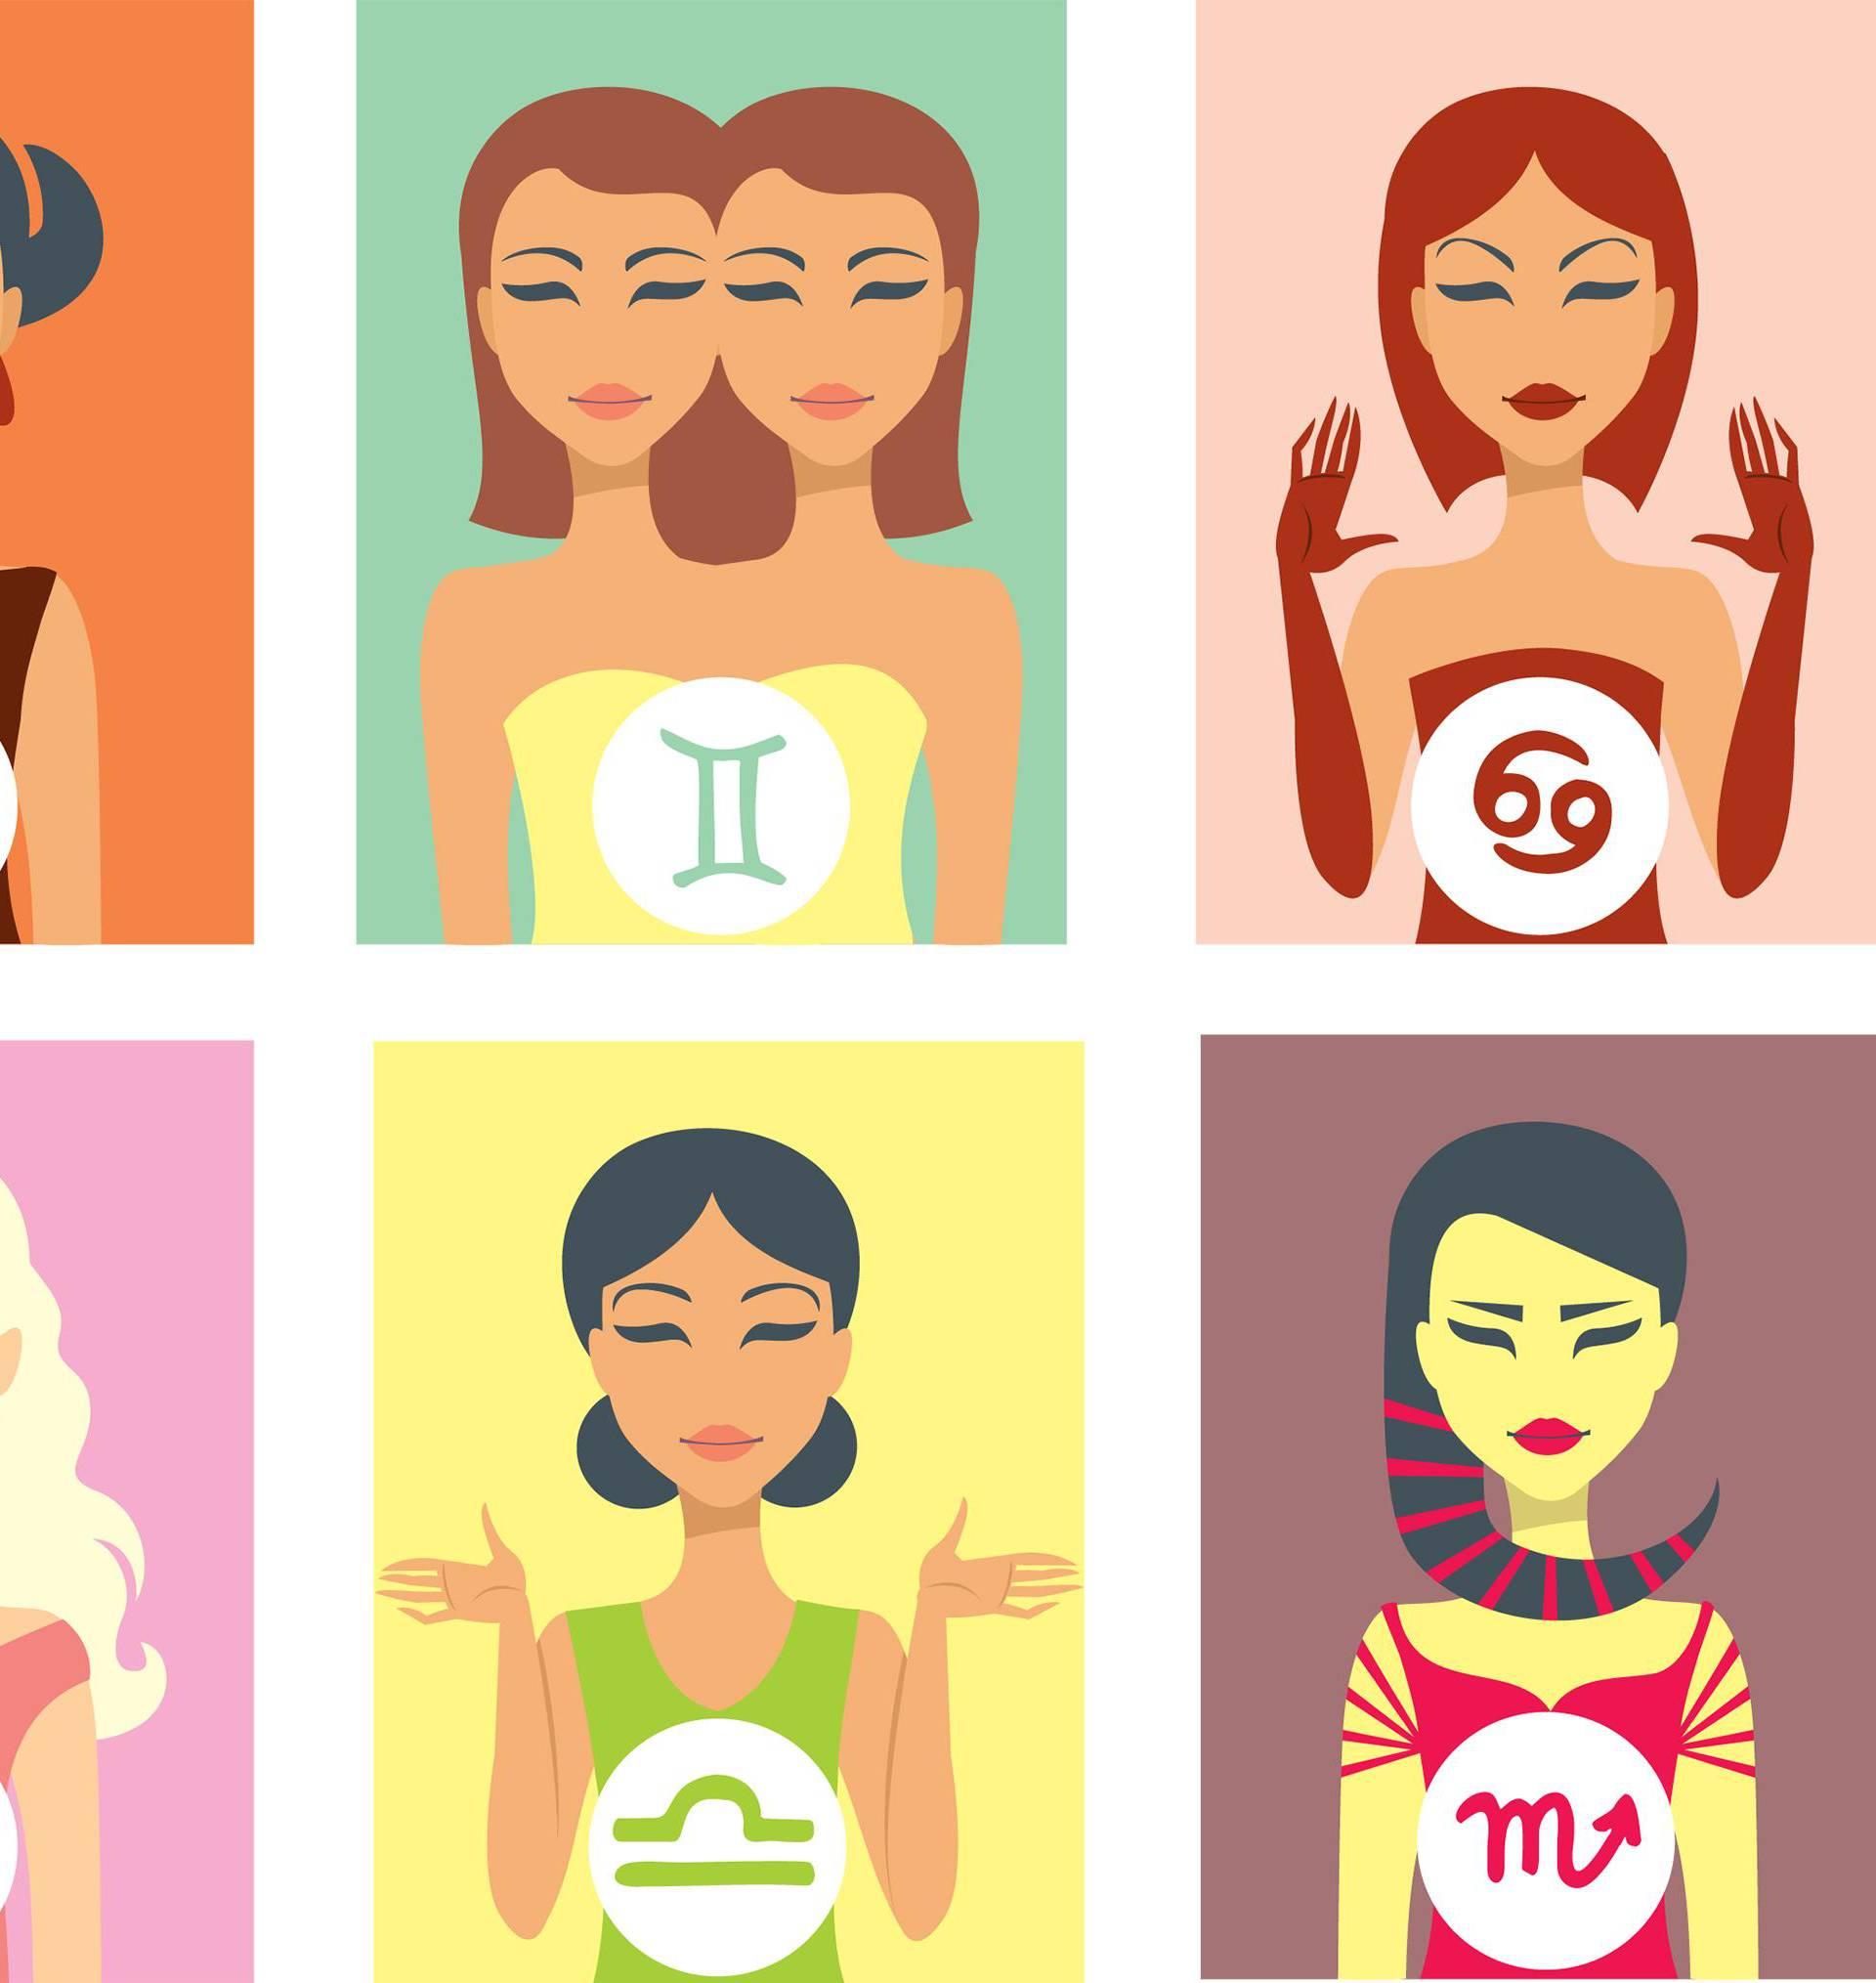 Kako bi izgledalo da 12 ljudi različitih znakova živi zajedno